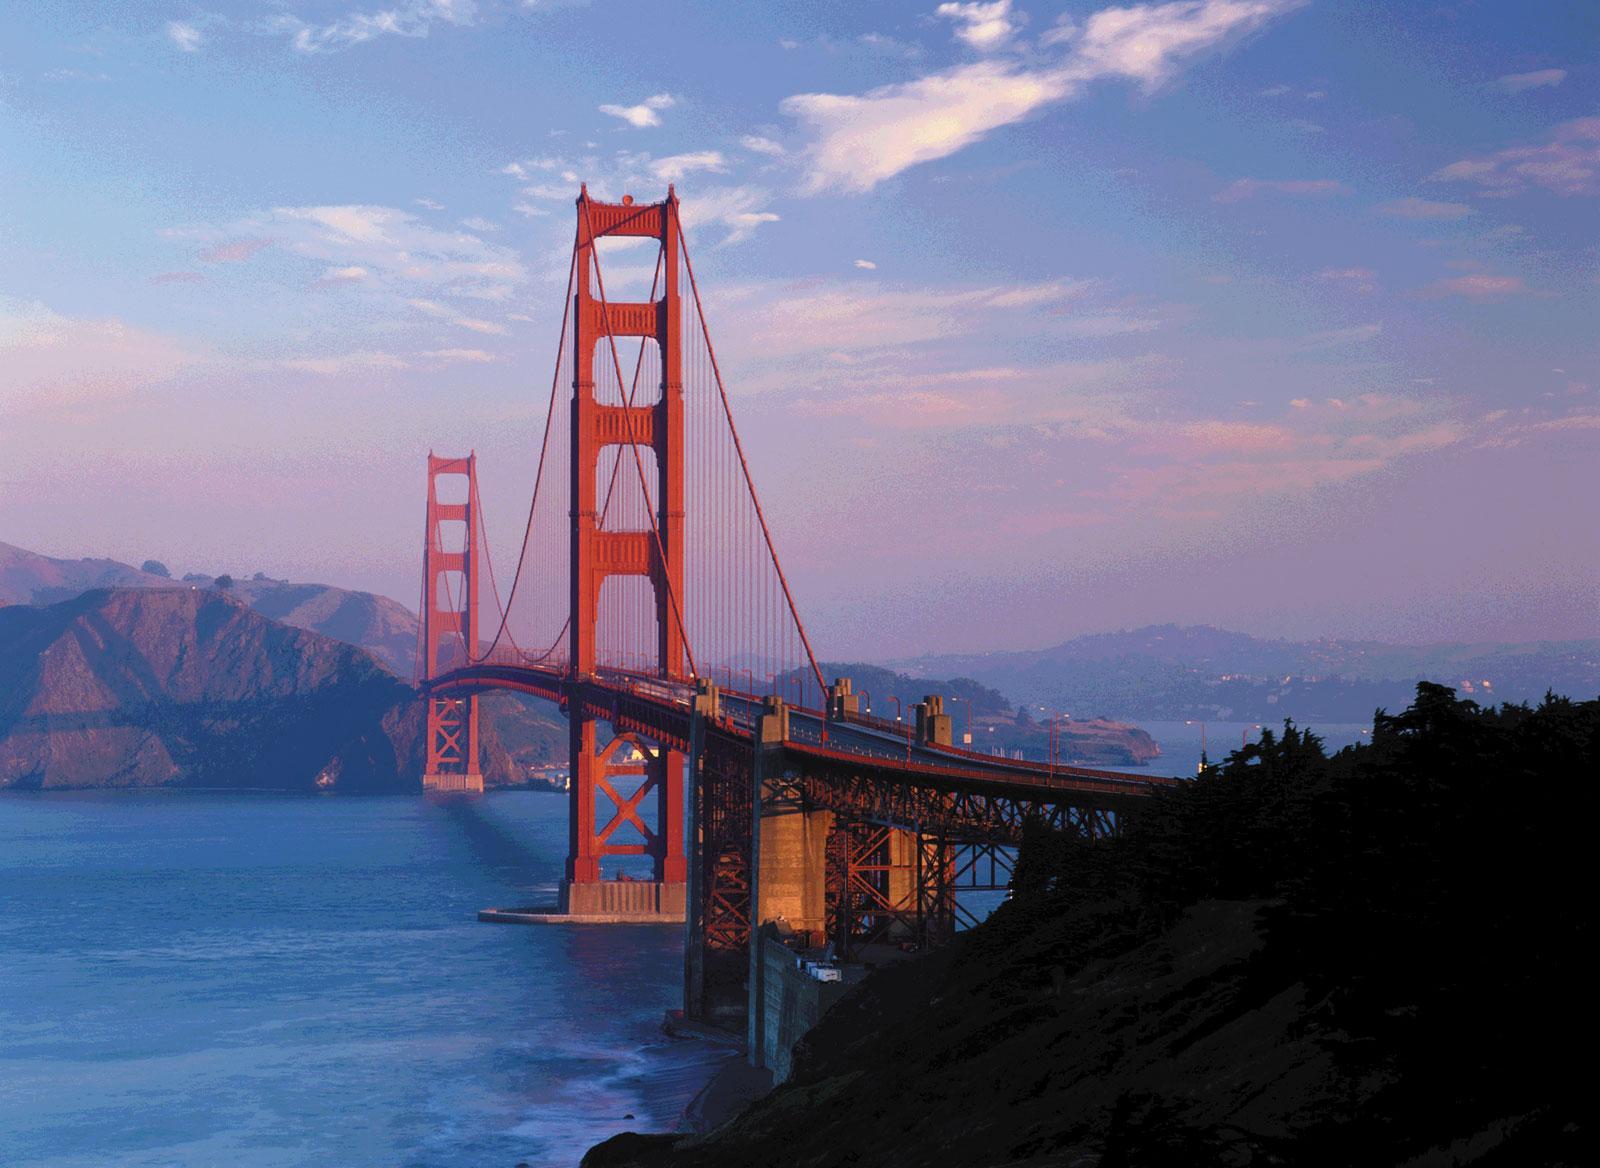 سان فرانسيسكو تتوج كأفضل مدينة في العالم 2021